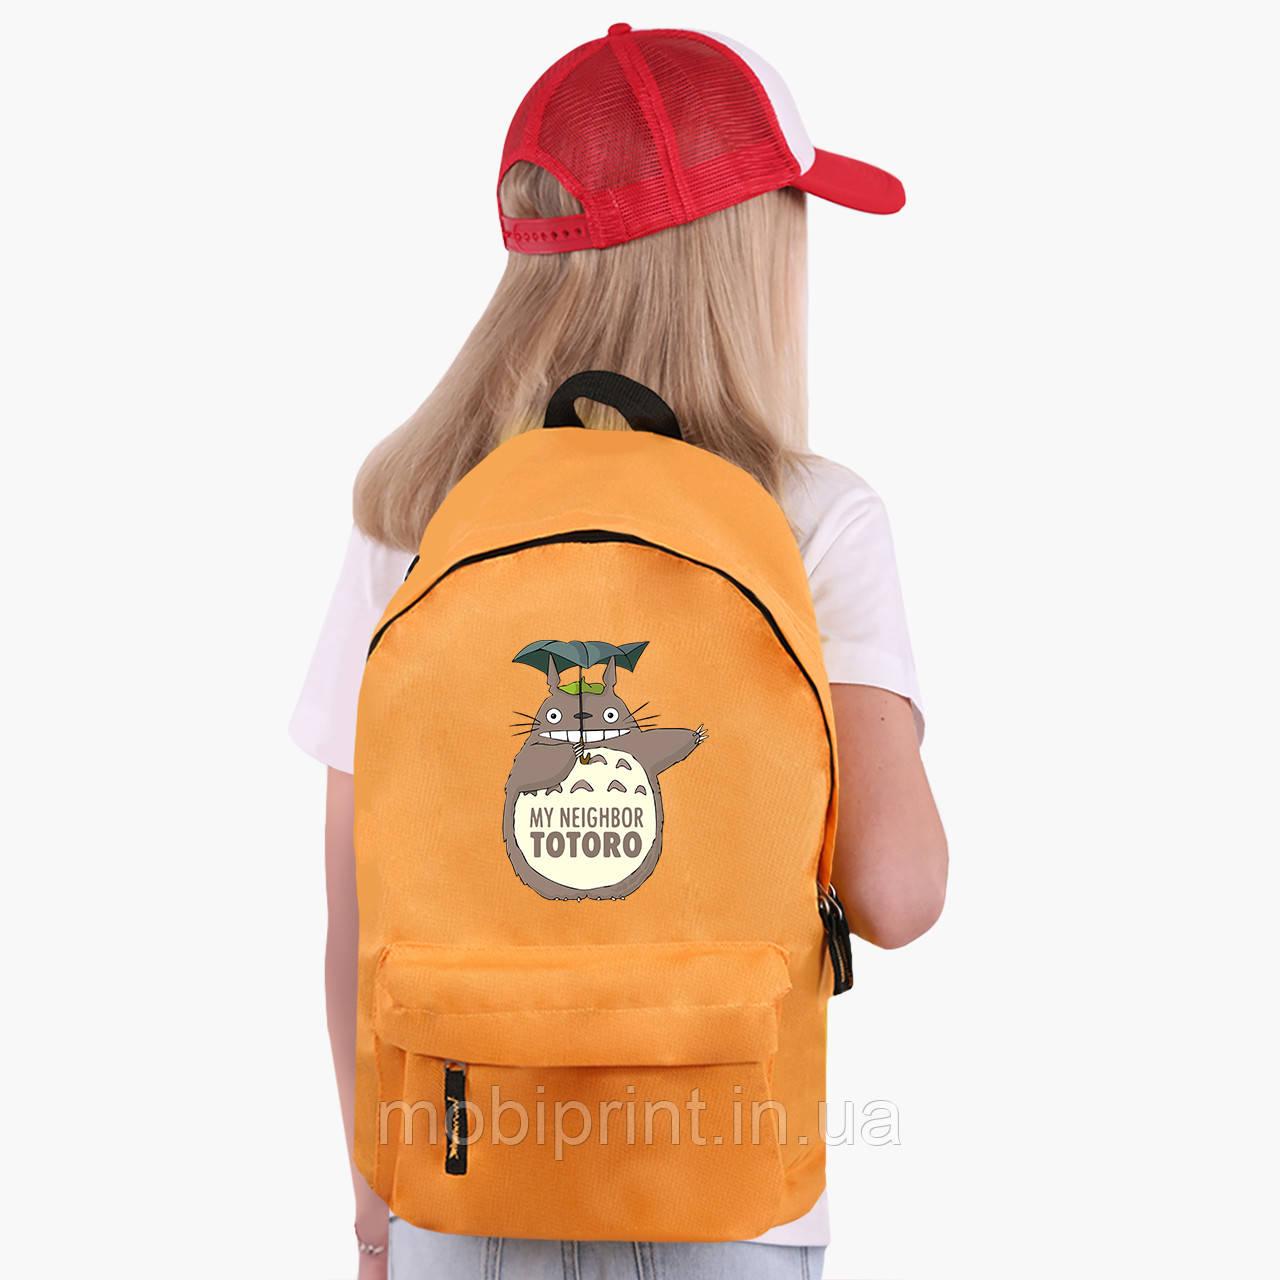 Дитячий рюкзак Мій сусід Тоторо (My Neighbor Totoro) (9263-2656)